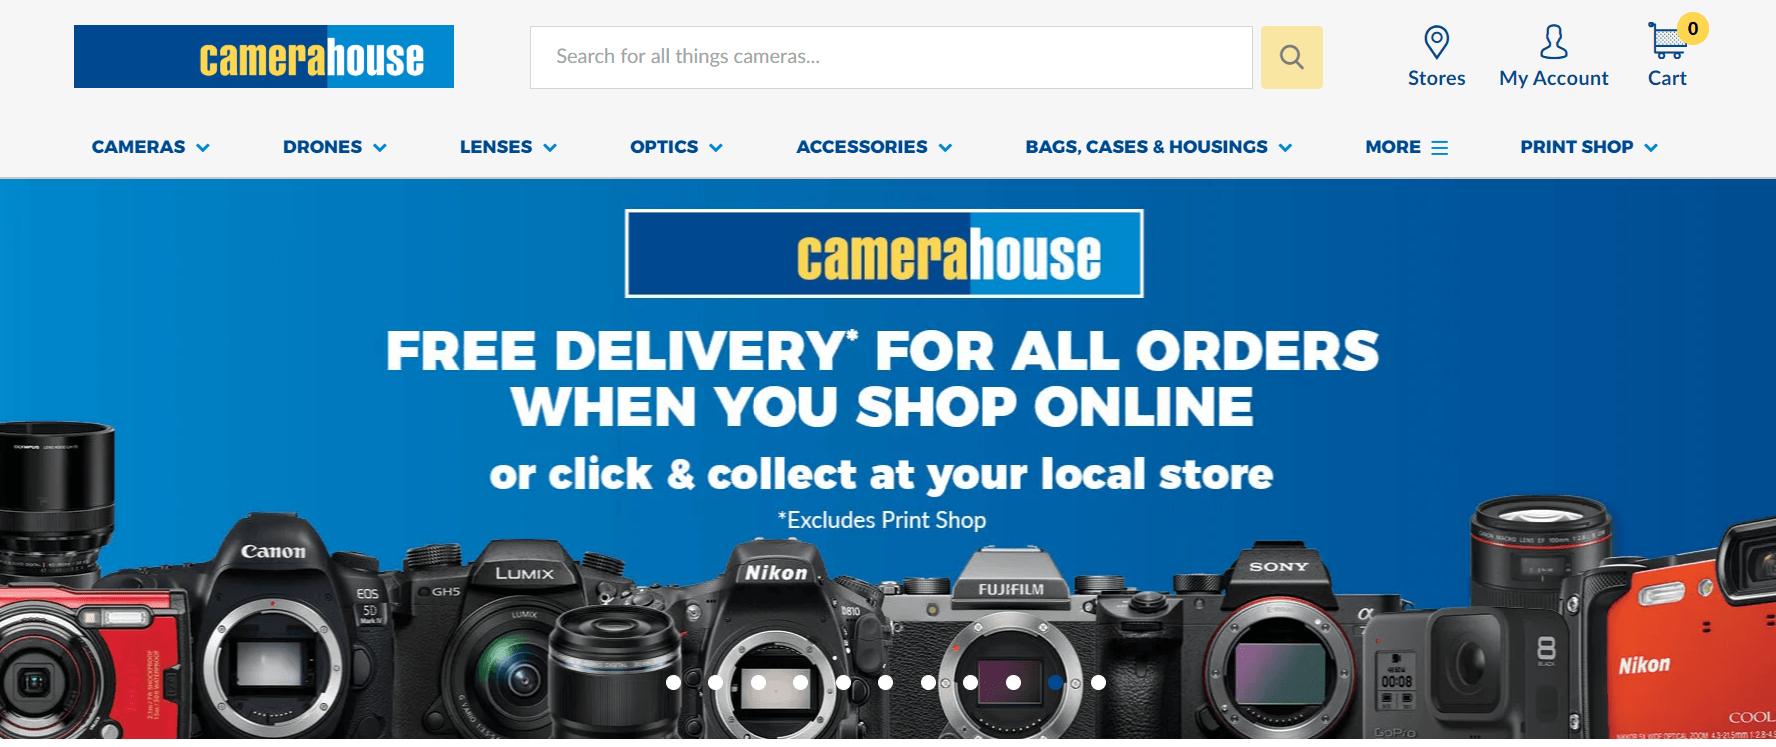 Camera House Promo codes at HotOz